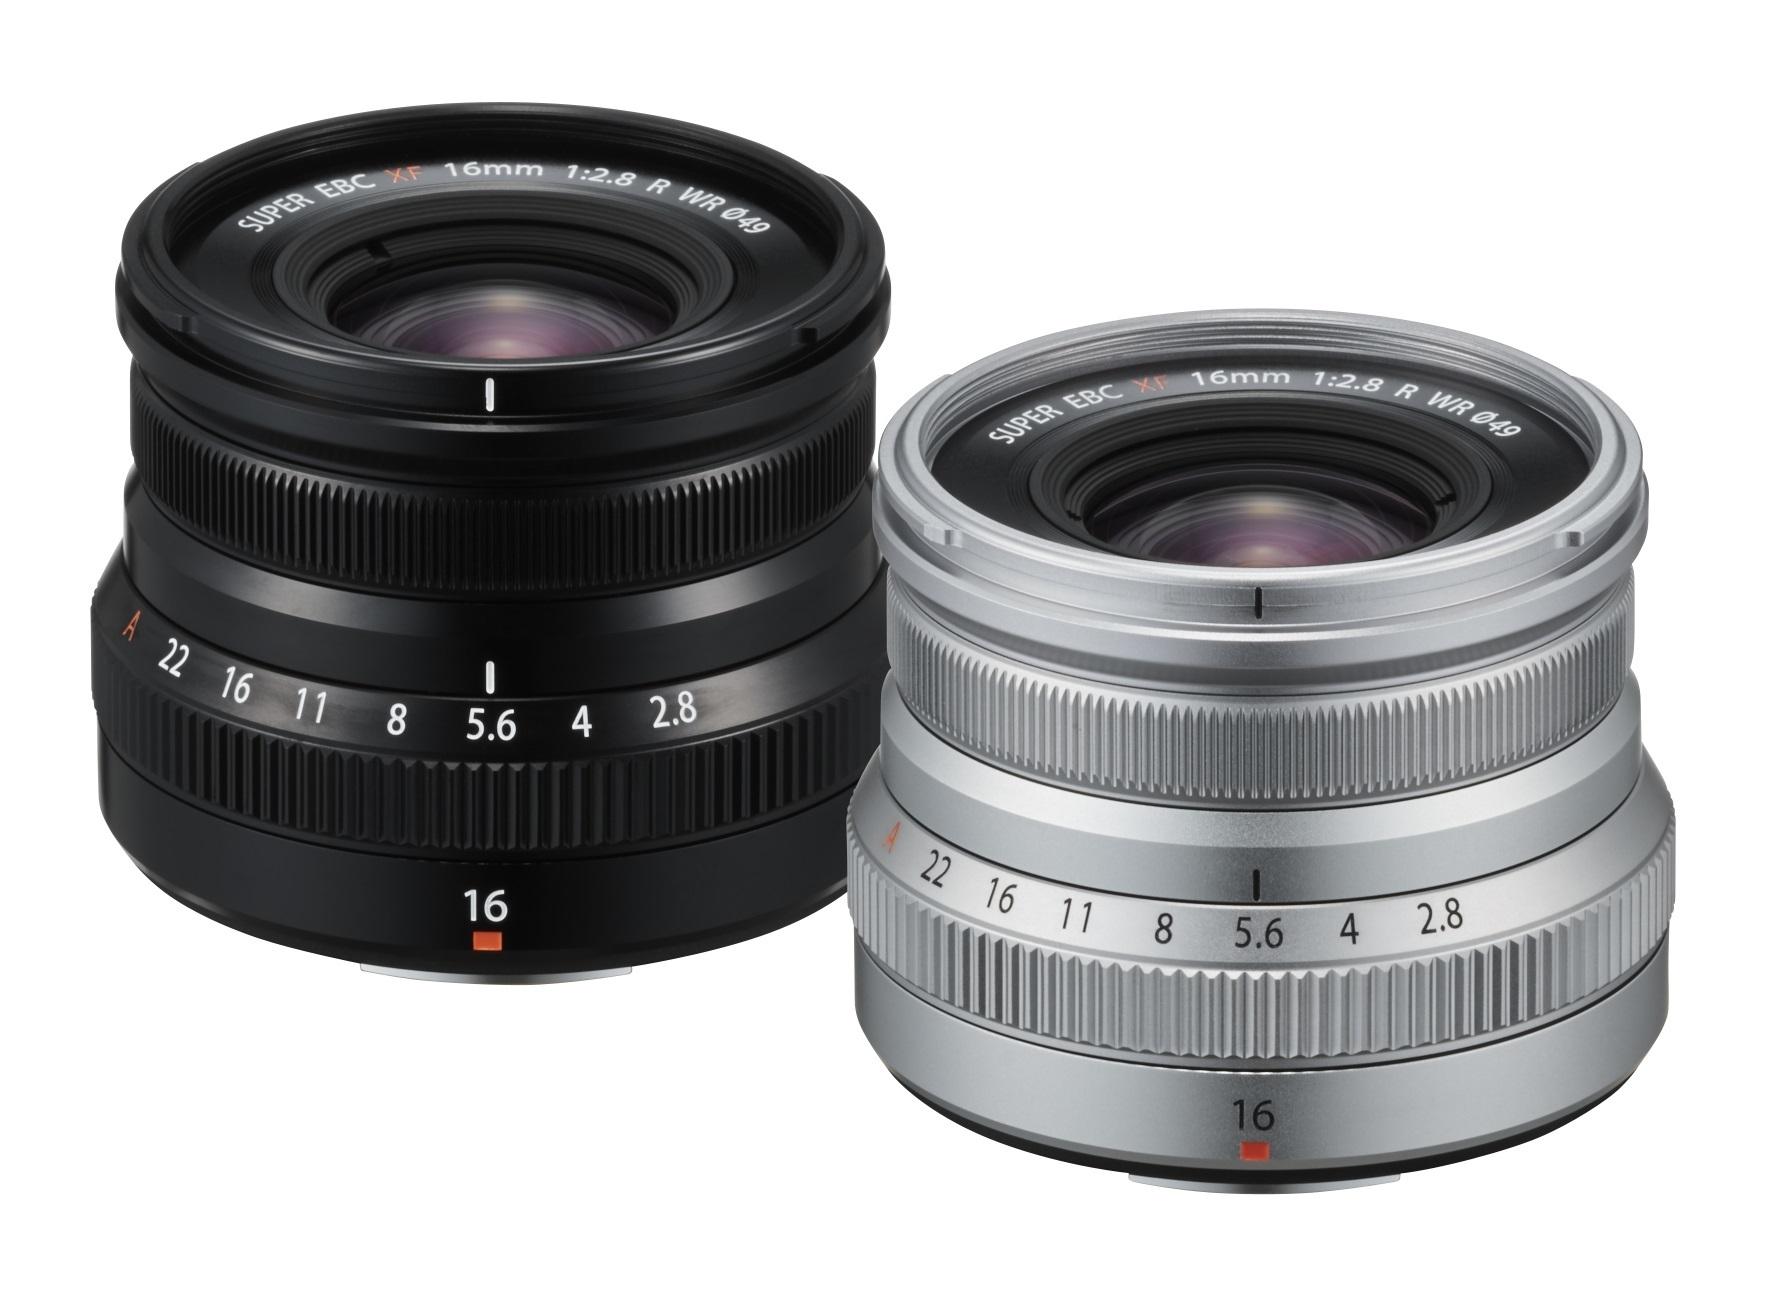 Fujinon XF 16 mm f/2.8 R WR